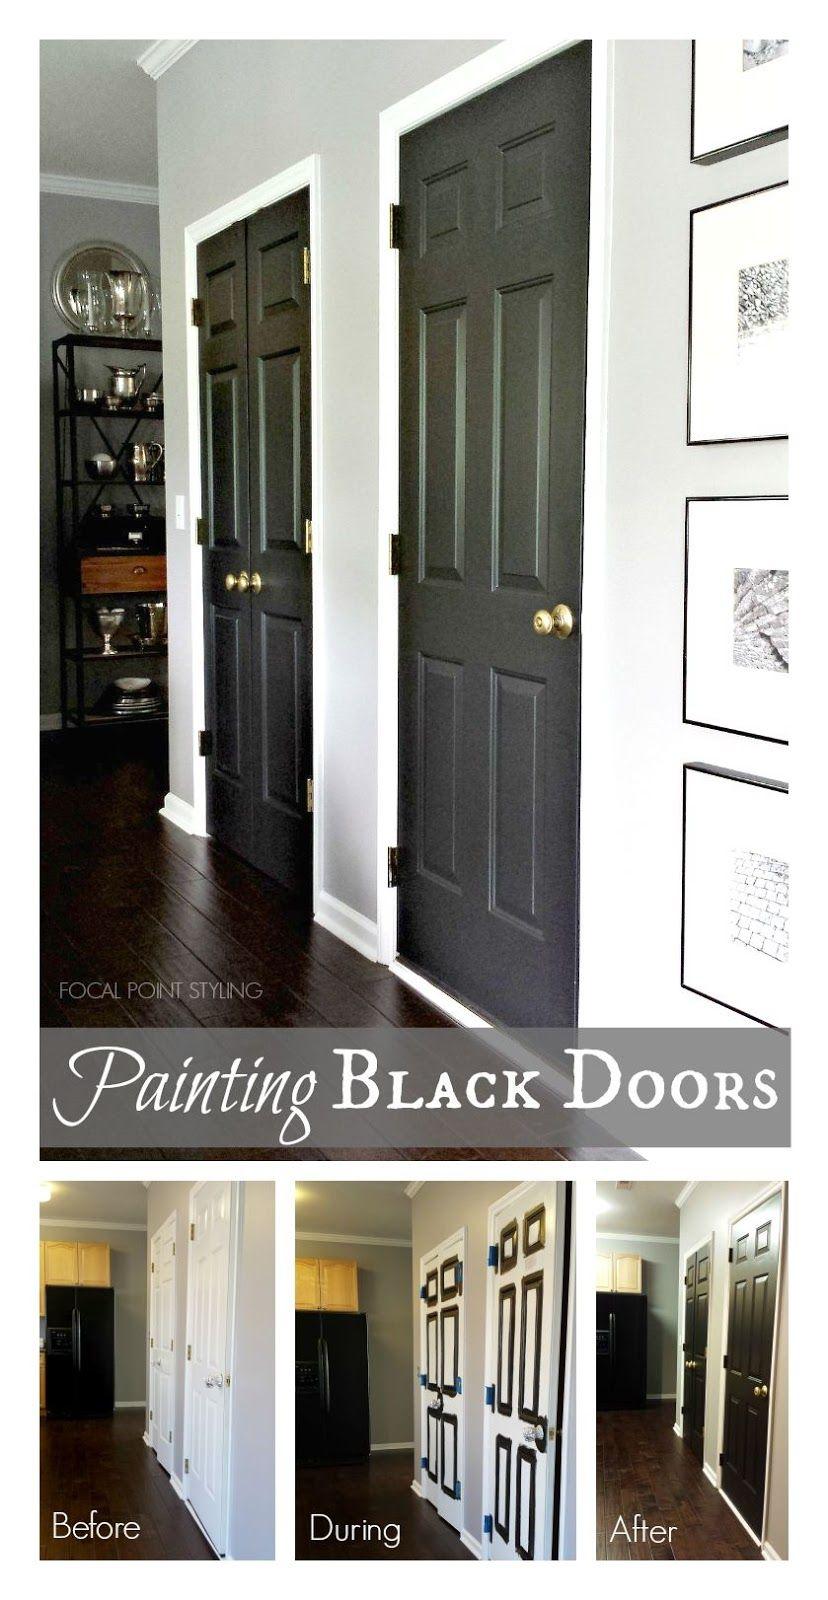 How To Paint Interior Doors Black Update Brass Hardware Black Interior Doors Painting Interior Doors Black Painted Interior Doors